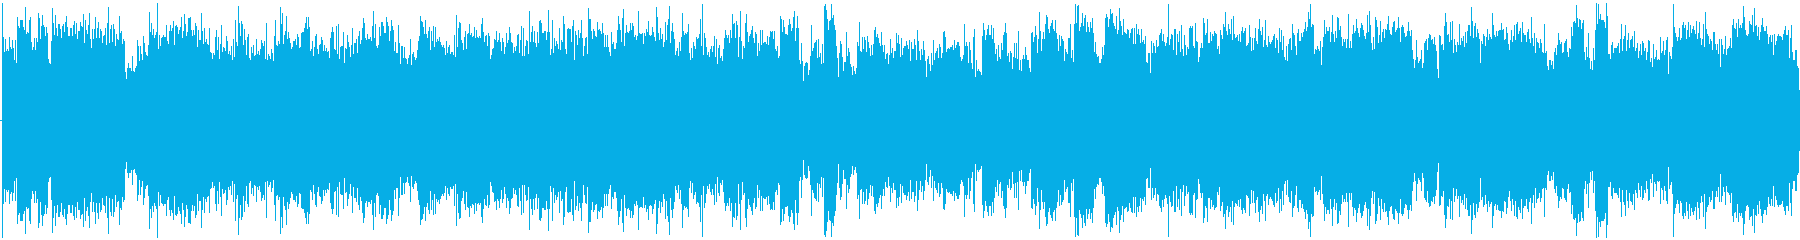 イメージ 極端な狂気の低03の再生済みの波形